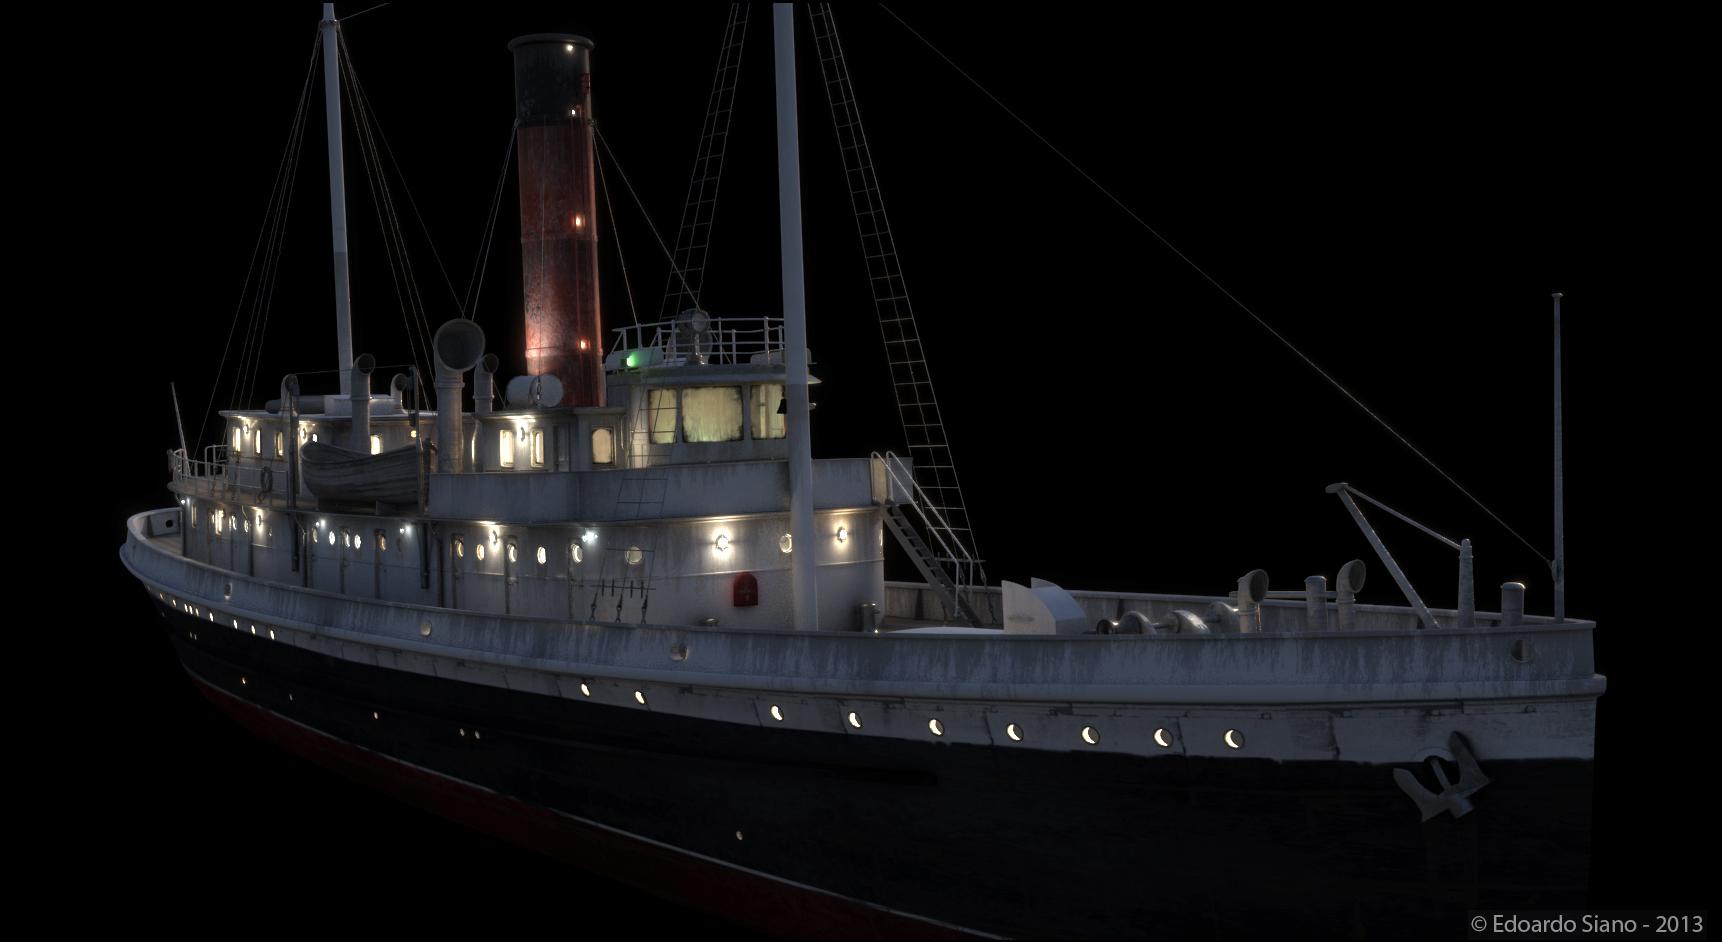 Steam_BoatDark.jpg